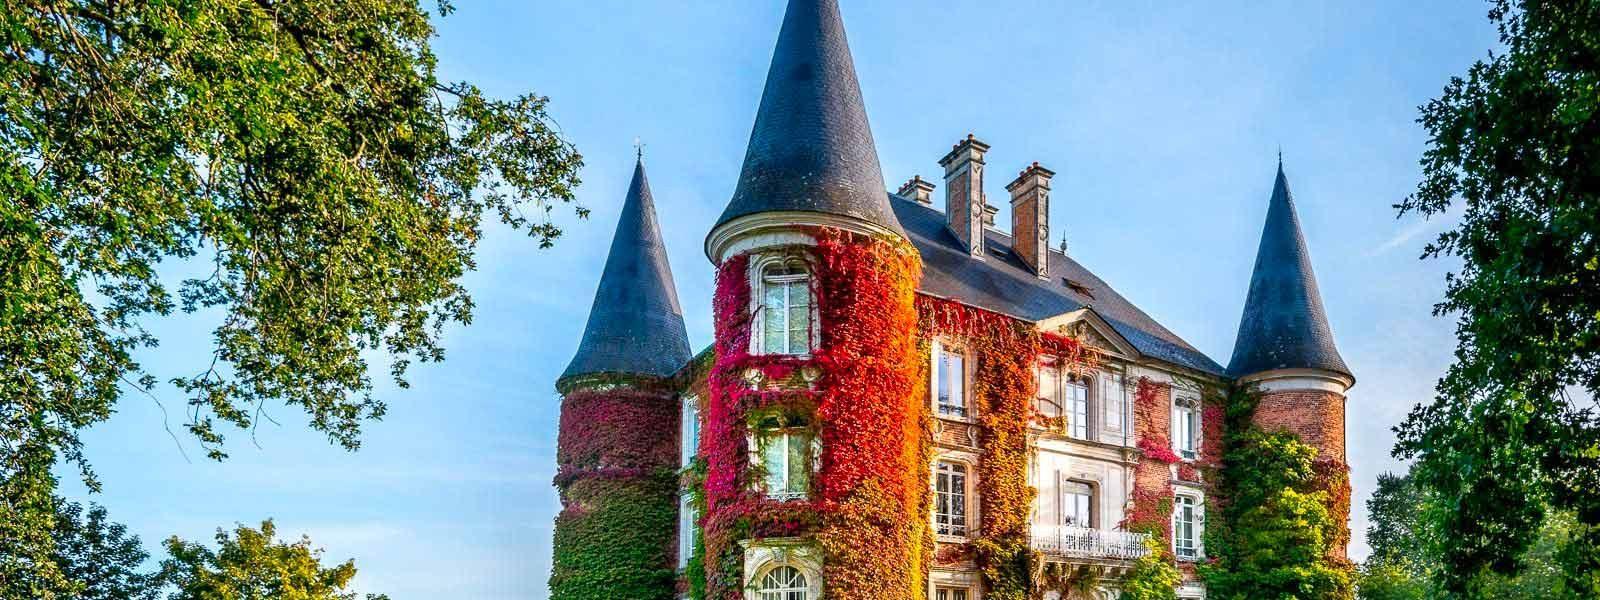 Chateau d'Apigné